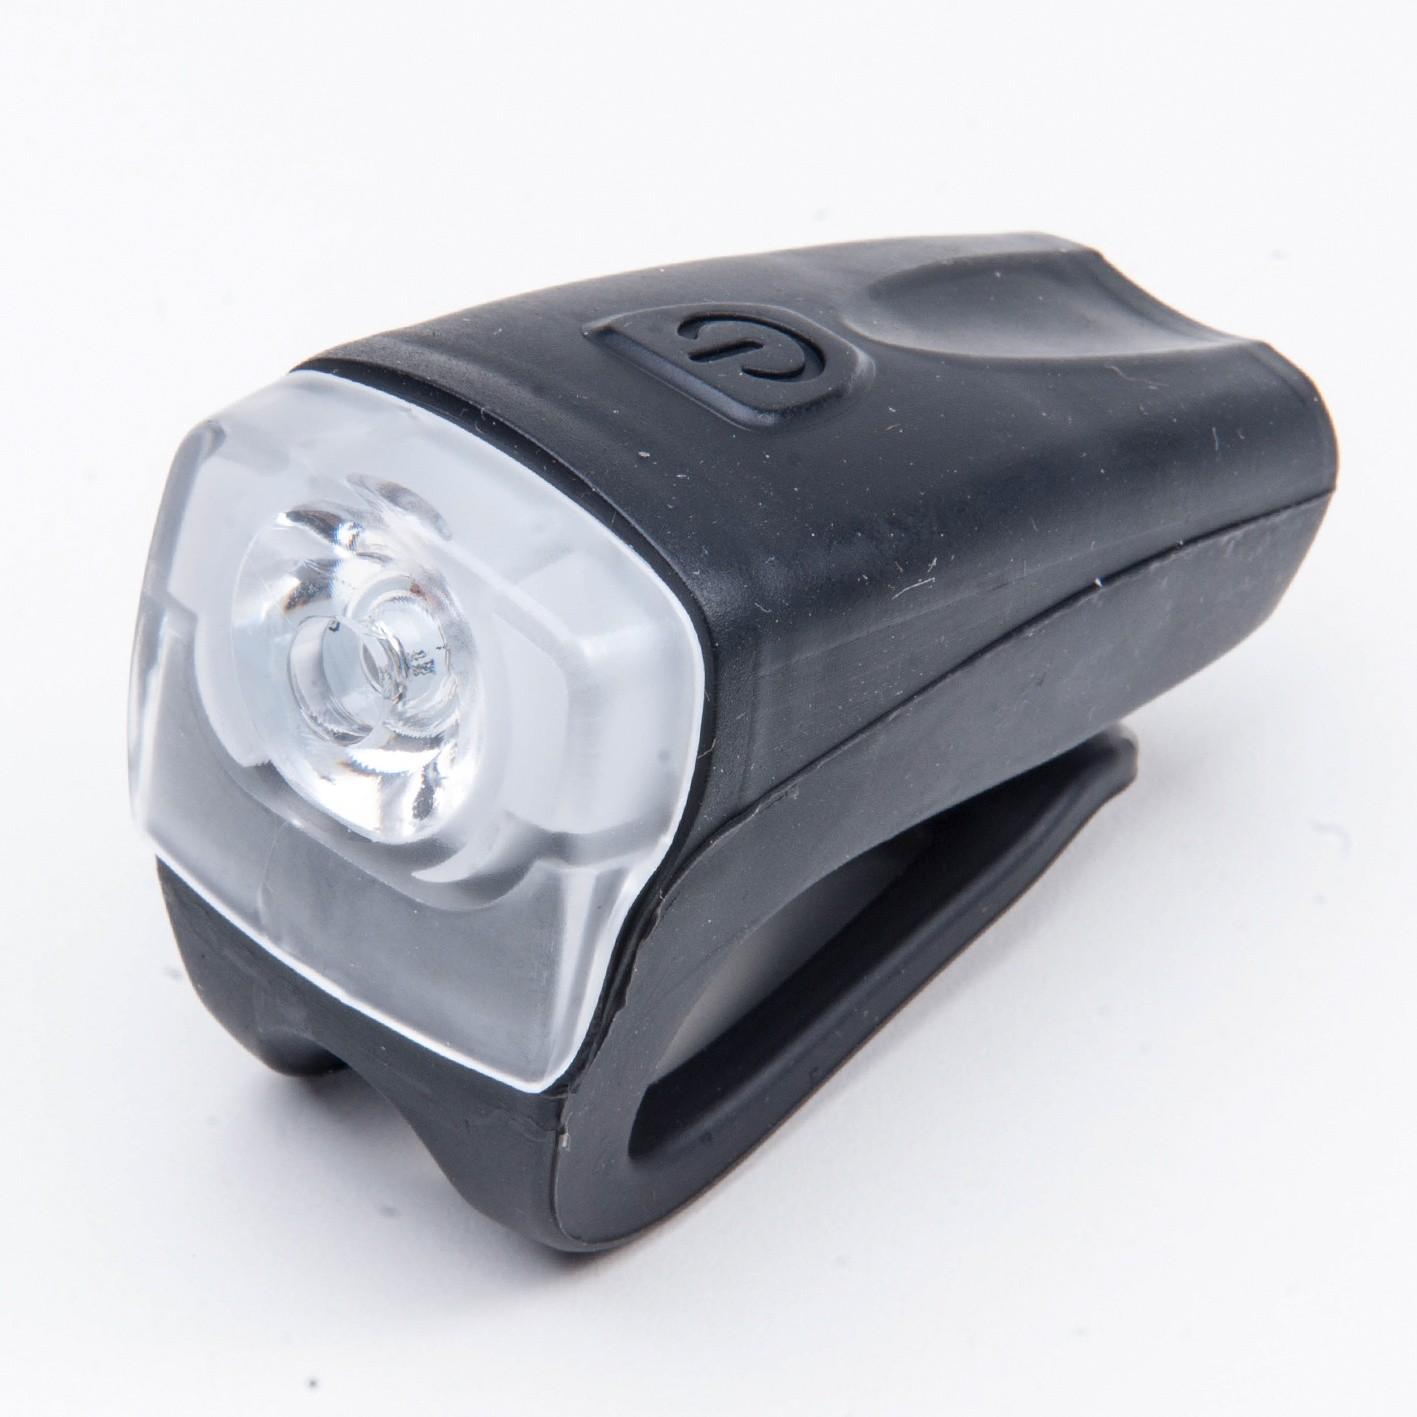 FAROL ABSOLUTE JY-378FU PTO 1 LED (43242)